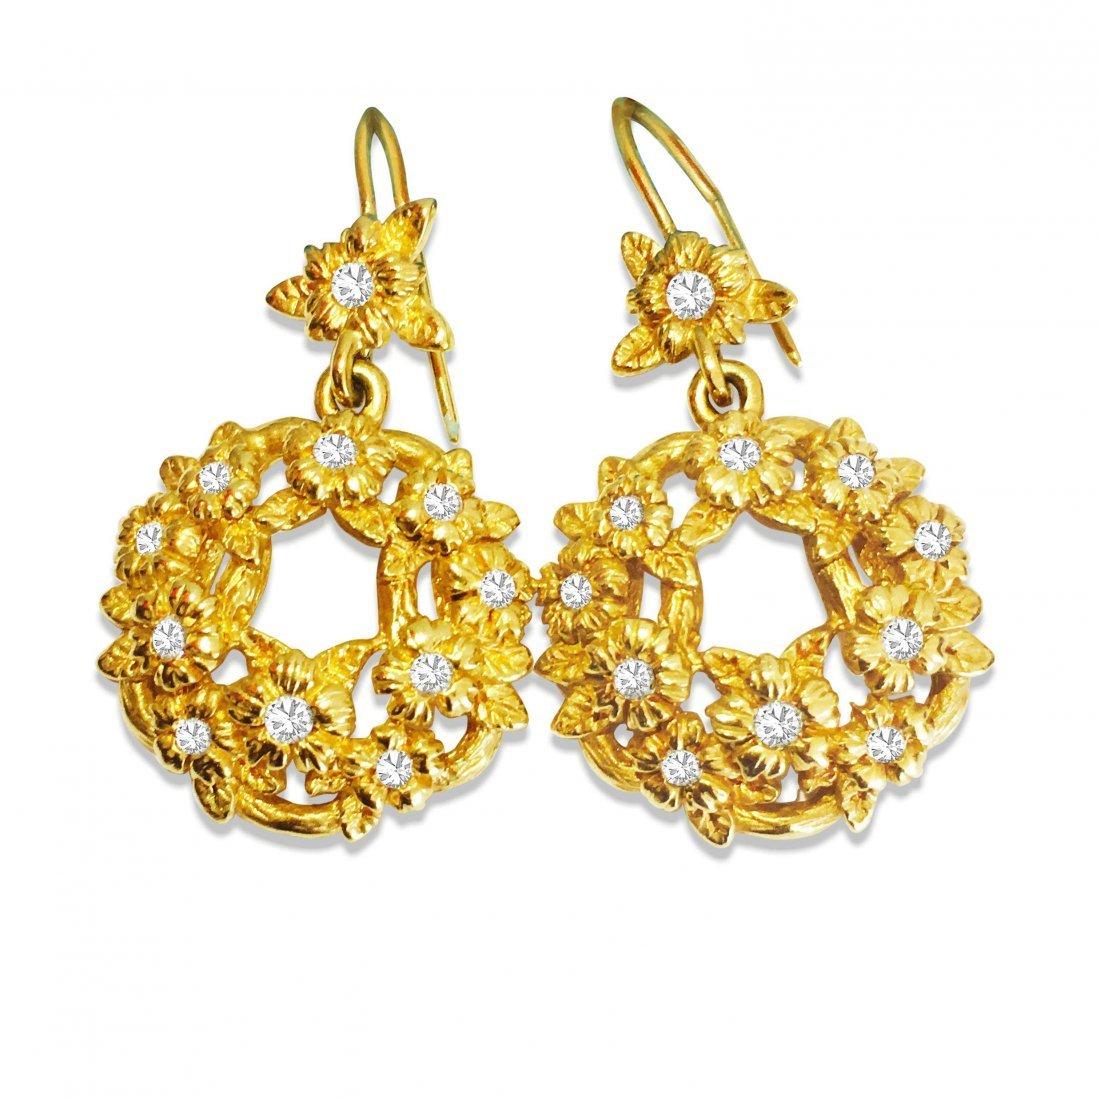 Stephen Dweck 18K GOLD & DIAMONDS Earrings